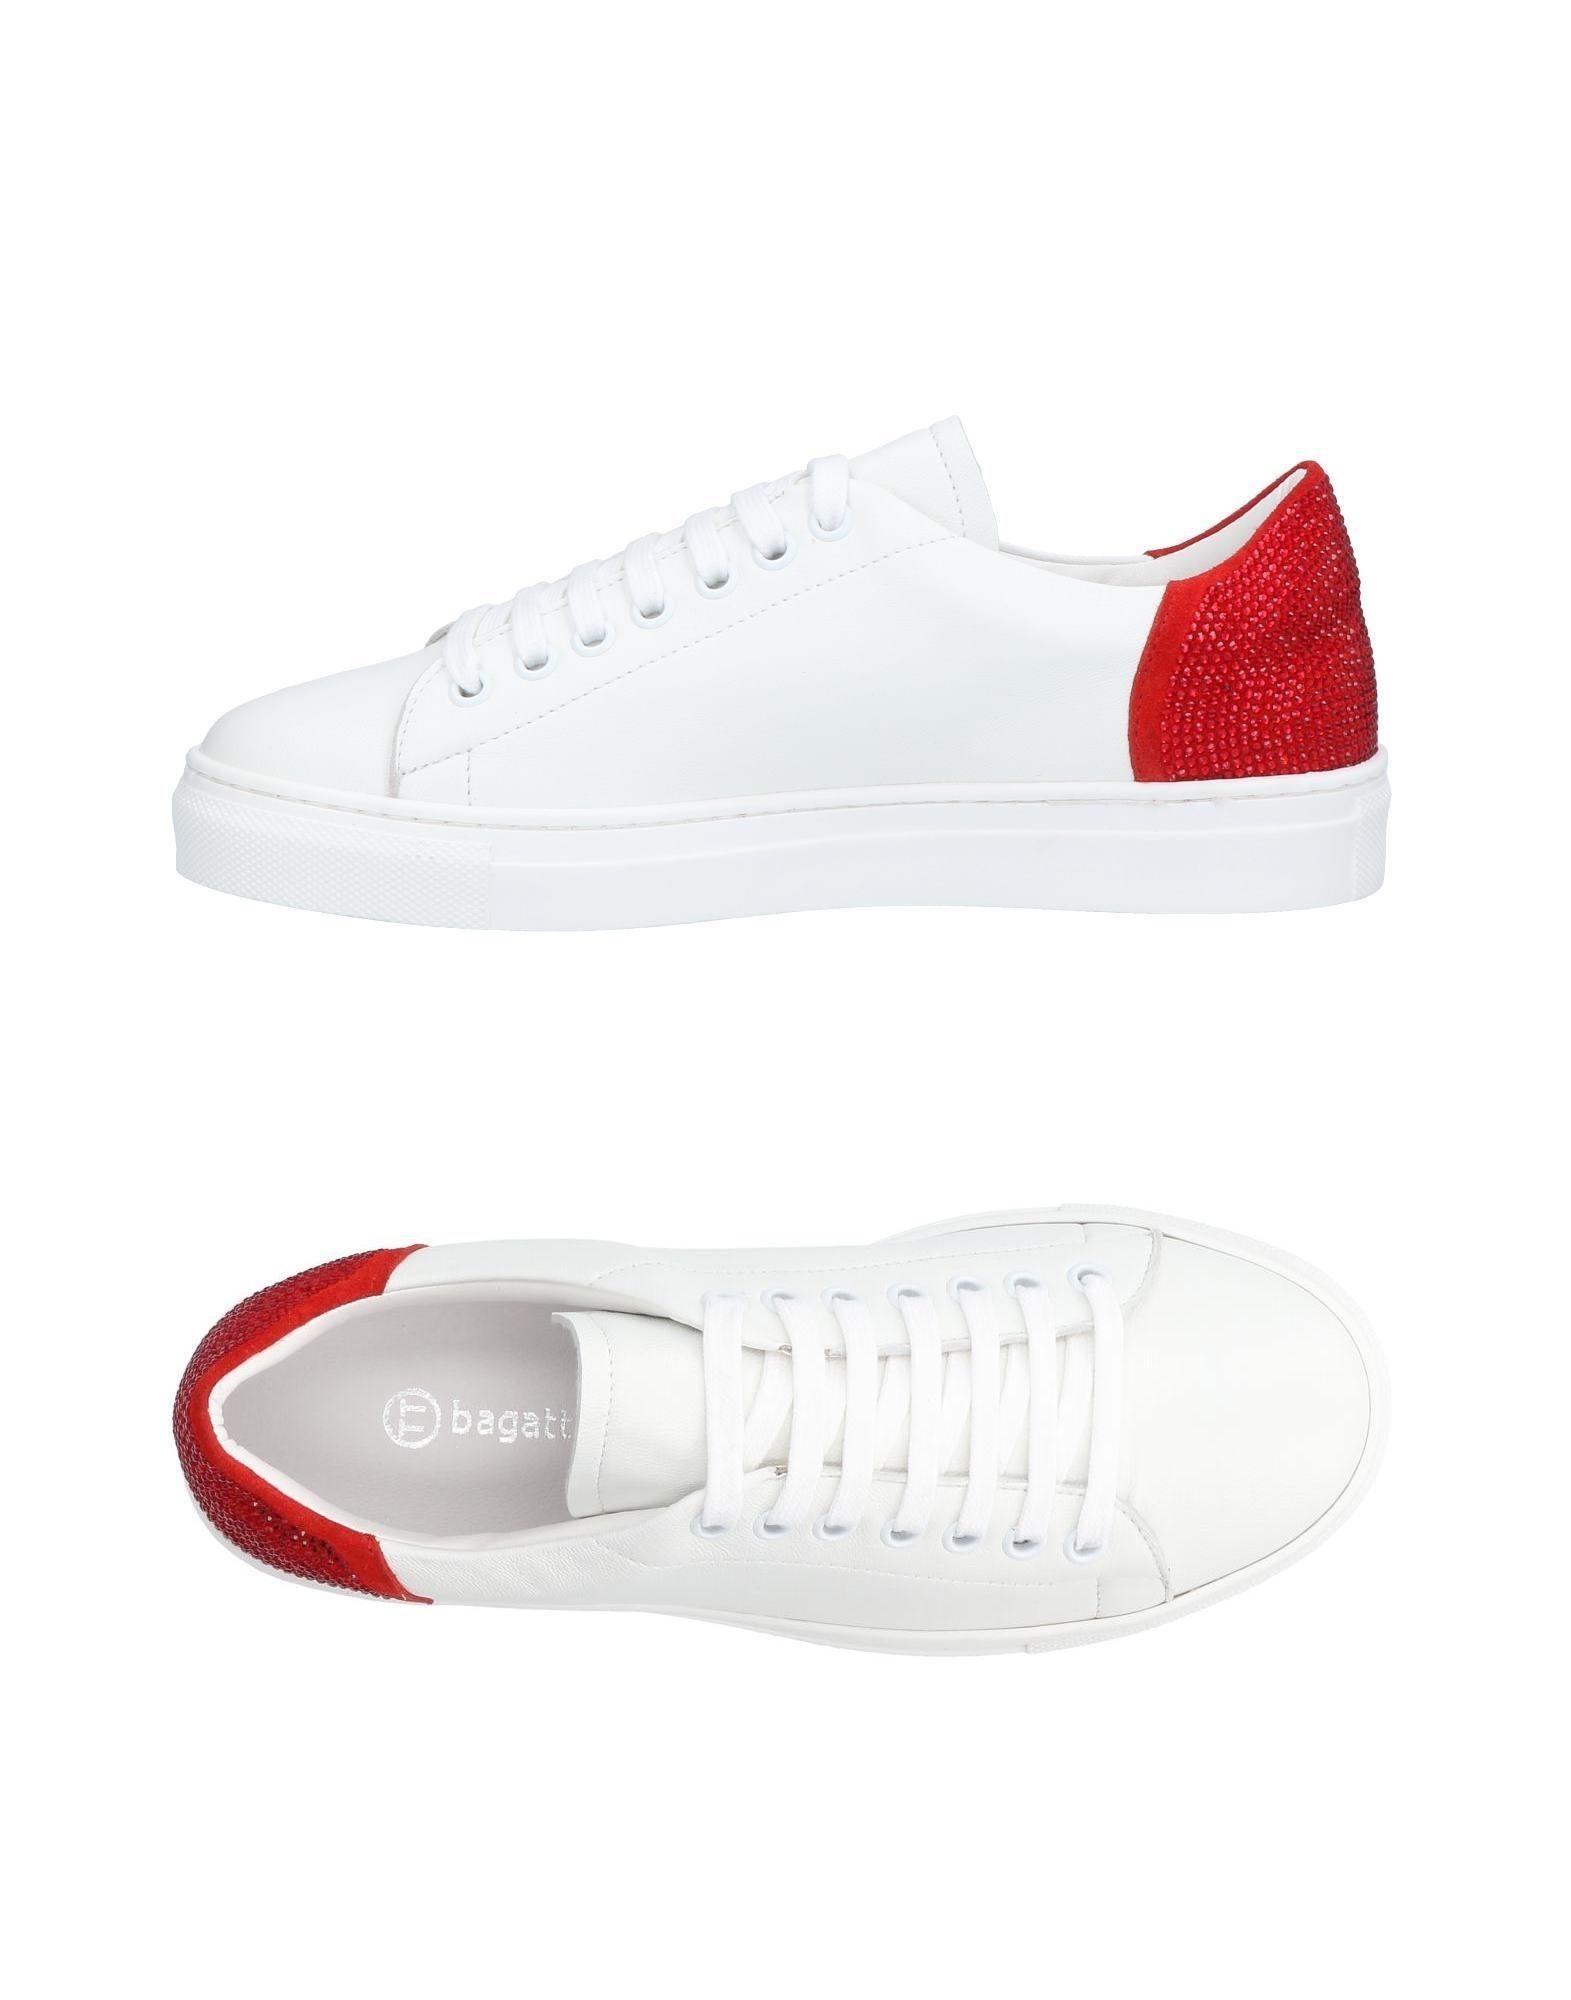 Sneakers Bagatt Donna - 11429423GT Scarpe economiche e buone